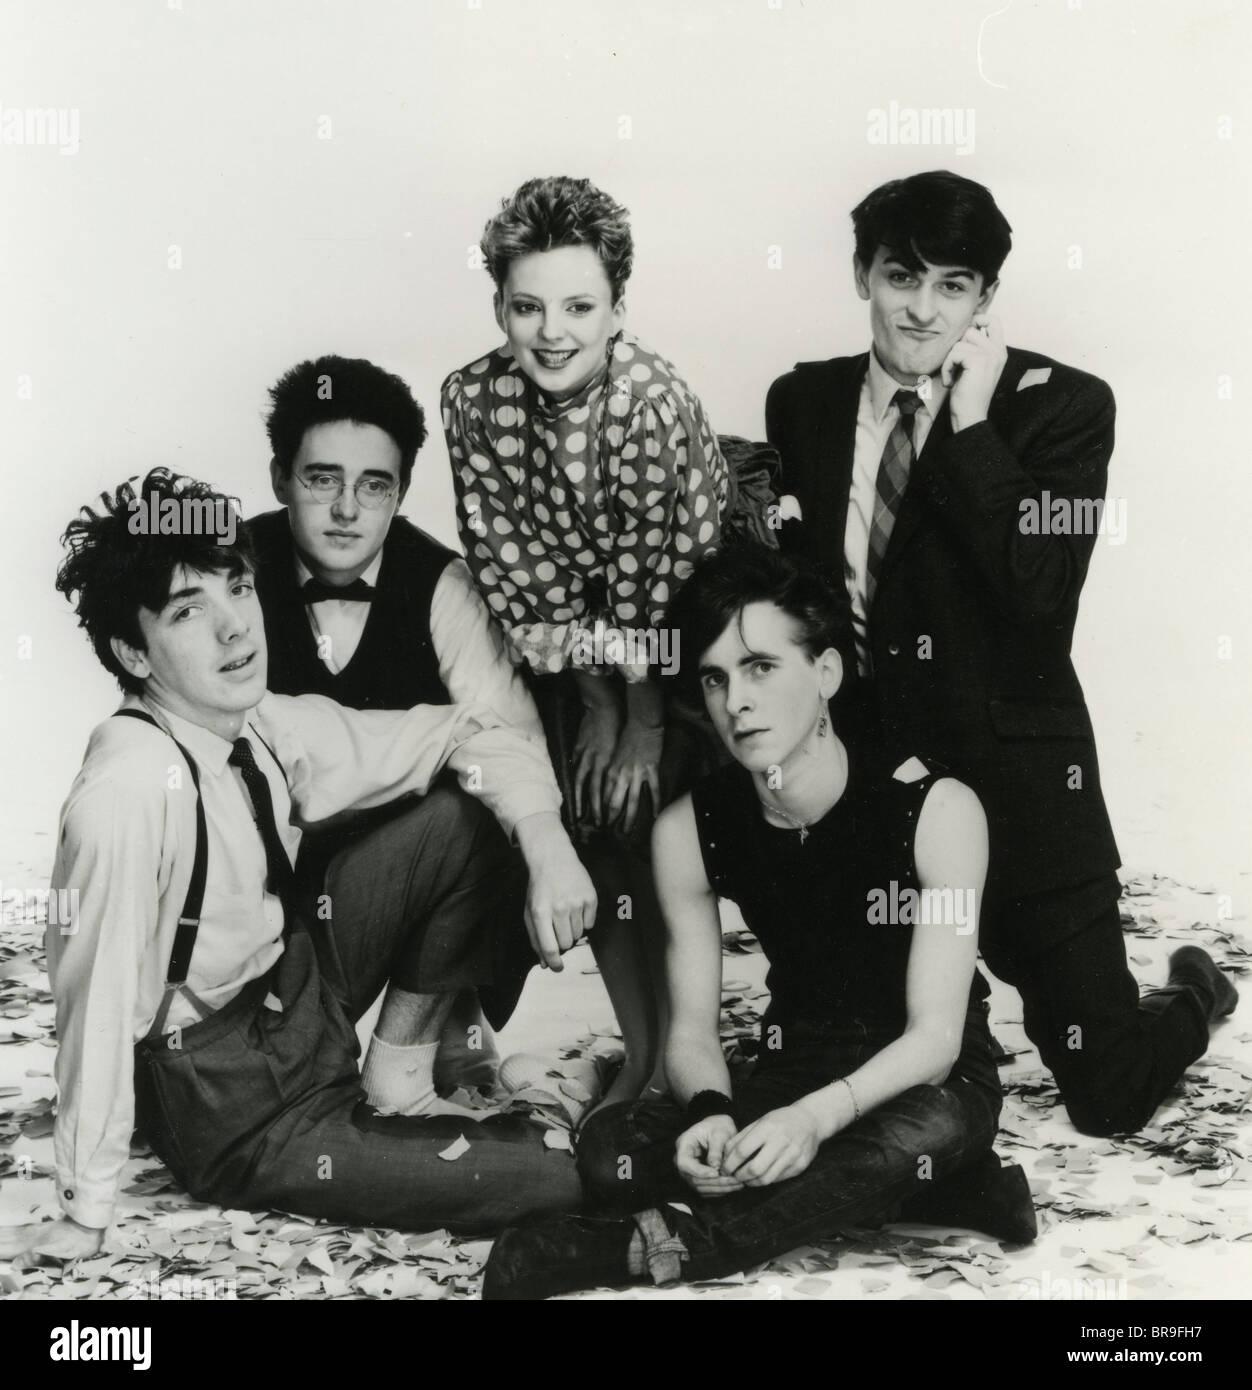 ALTERED IMAGES Promo-Foto 1980er Jahre schottischen New Wave group mit Lead-Sänger Clare Grogan Stockfoto